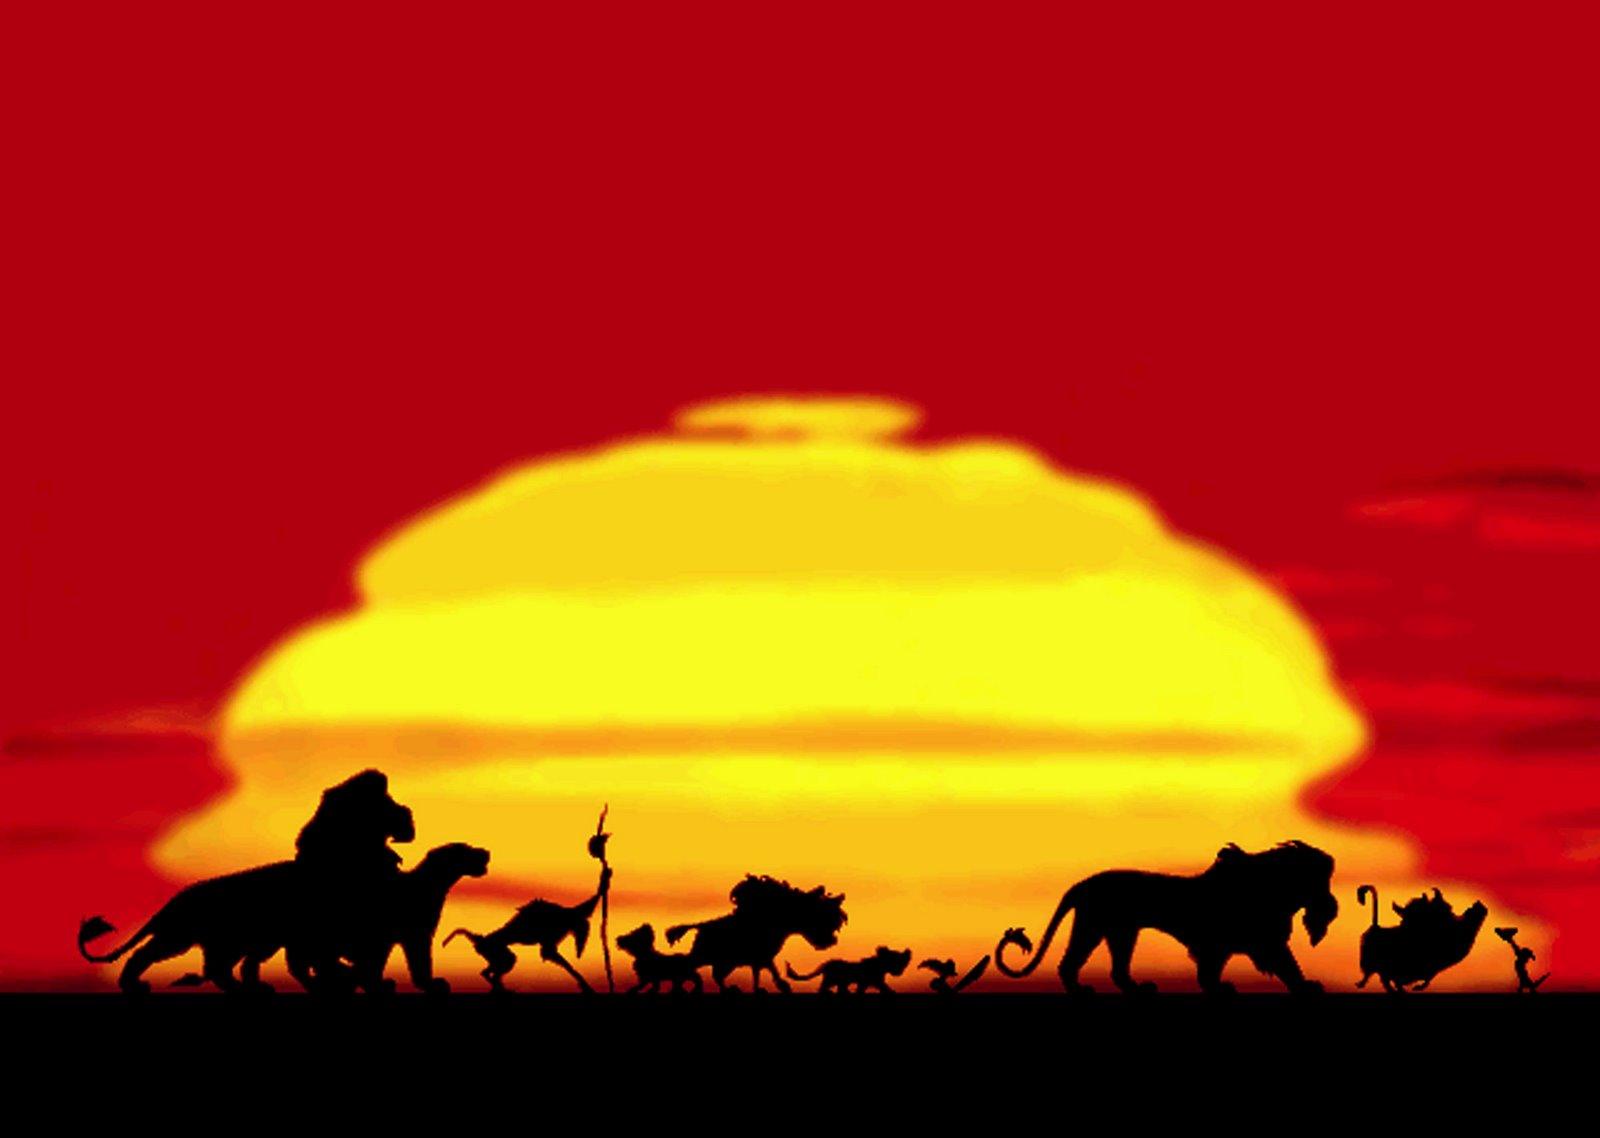 http://4.bp.blogspot.com/-VWm8qYfuai4/TdyqFmRL_vI/AAAAAAAACG0/UJRFbGmZF6A/s1600/lion_king7.jpg